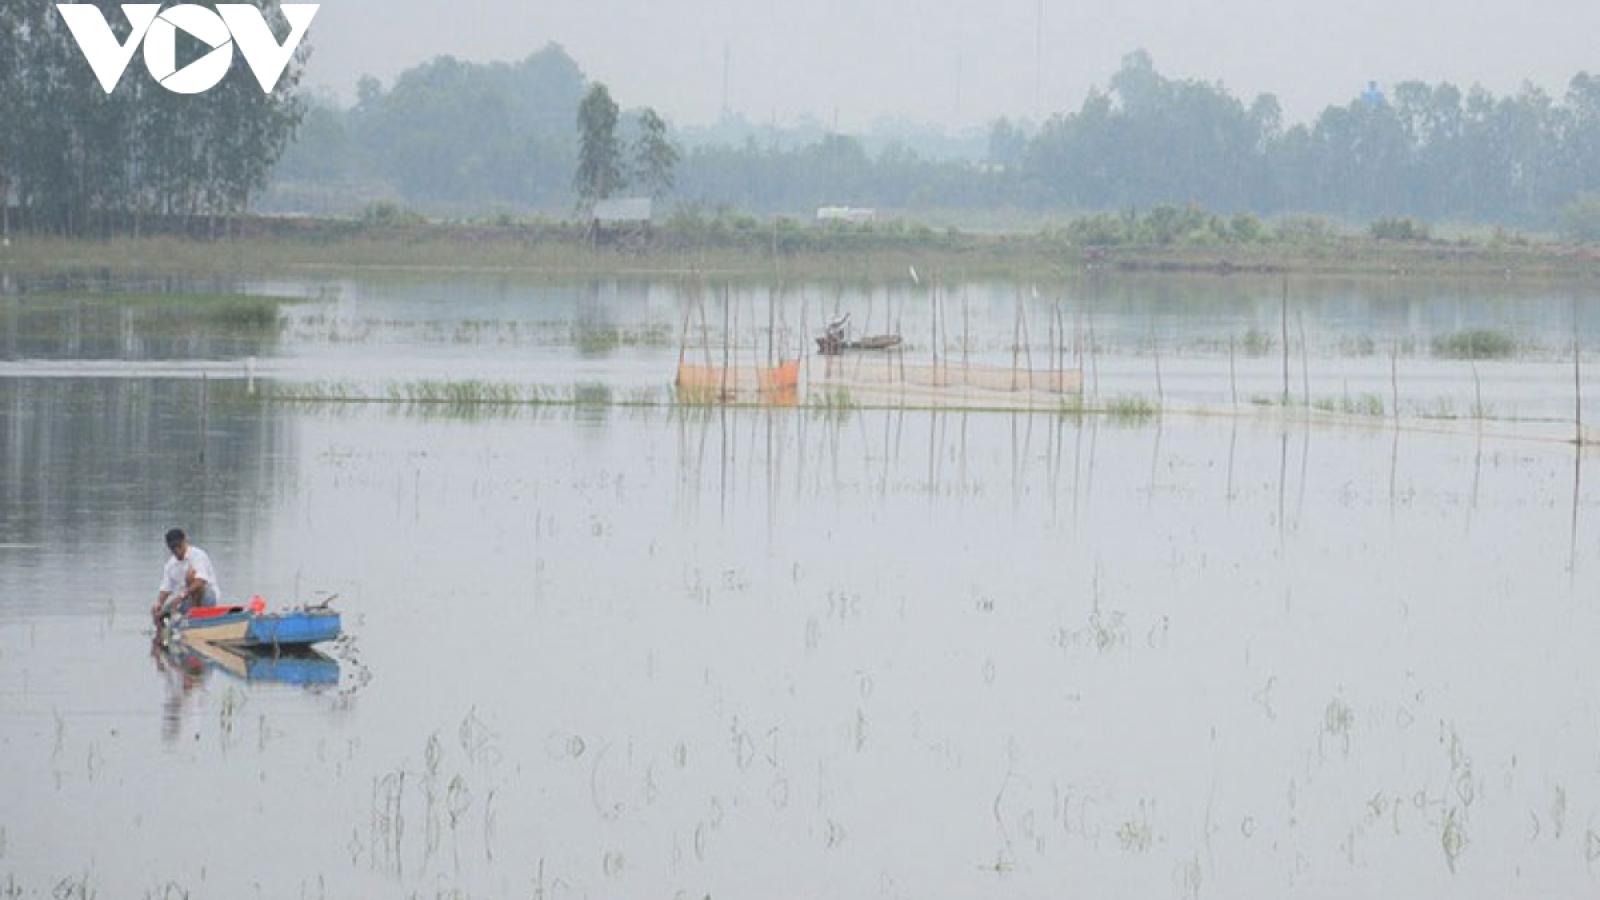 Đồng bằng sông Cửu Long: Xâm nhập mặn trở lại